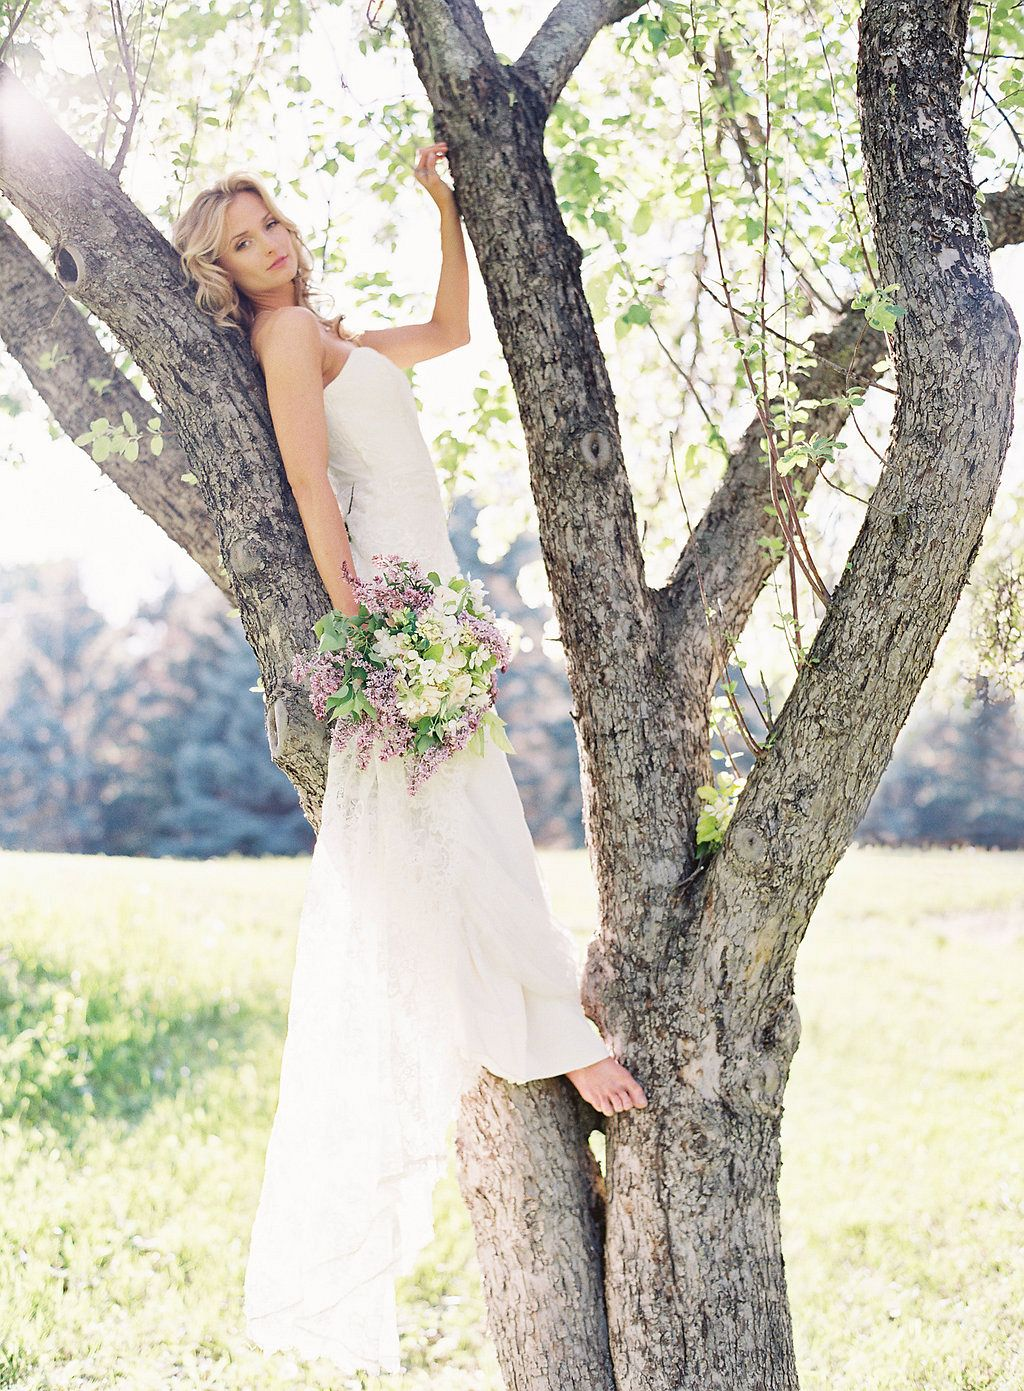 Pale lilac tones for a spring bridal bouquet